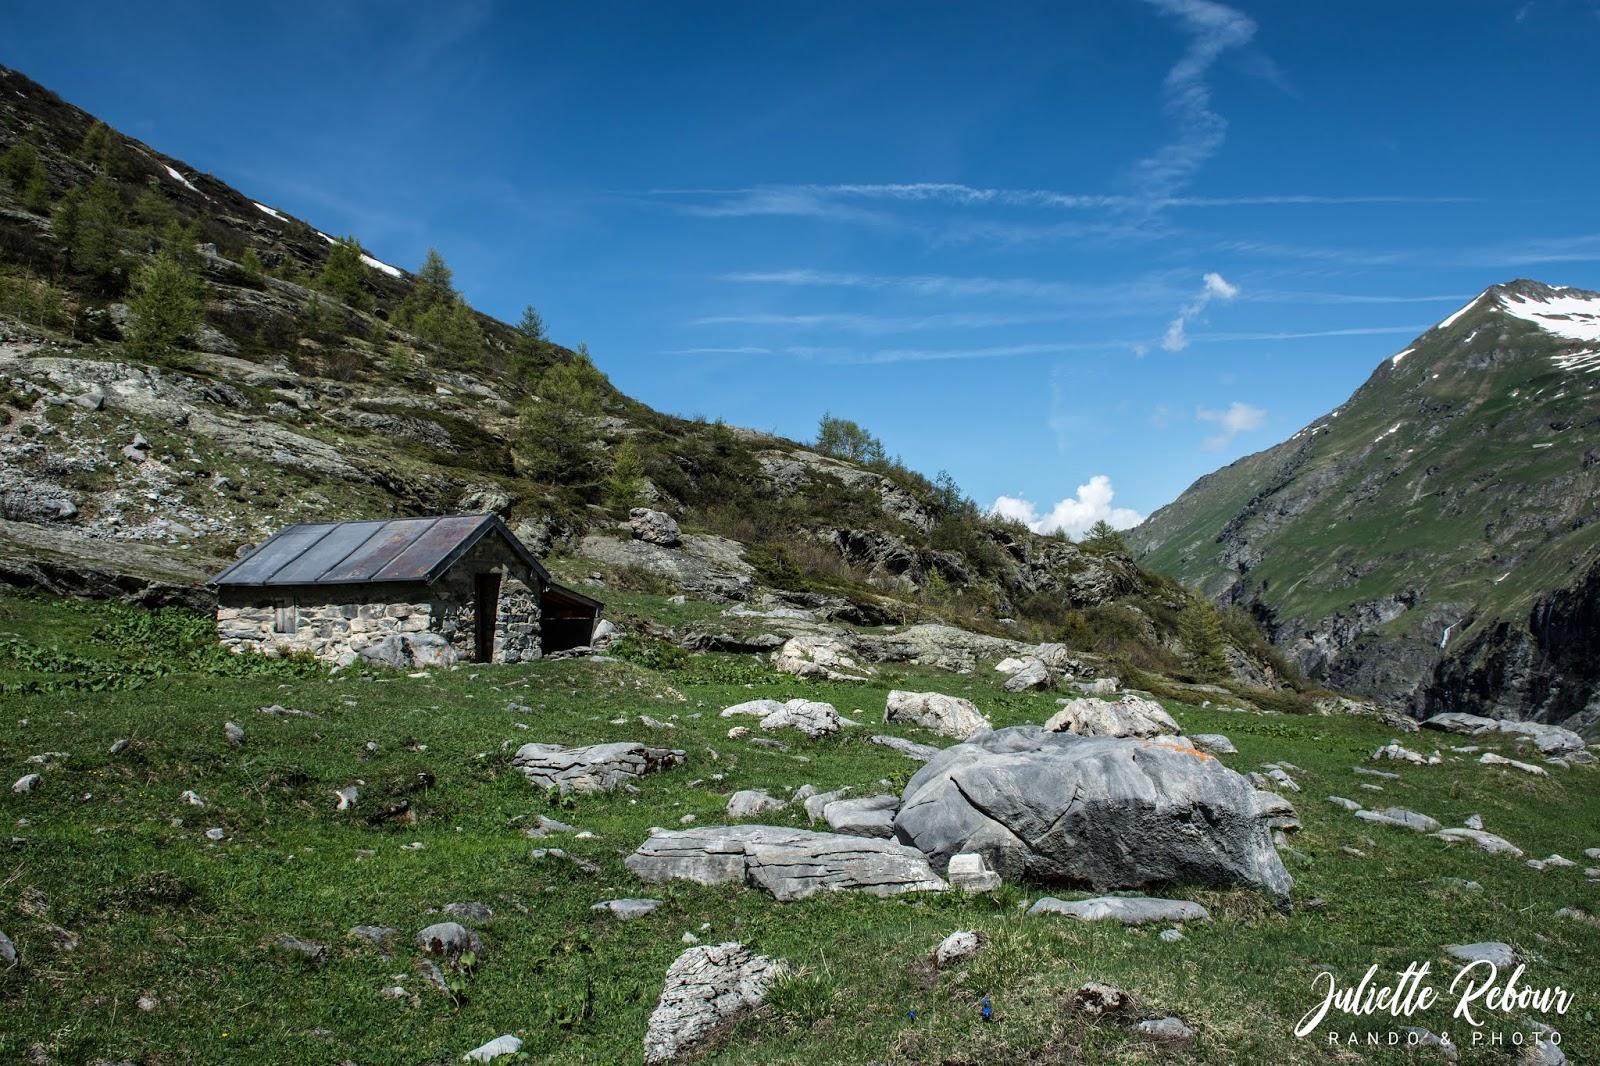 Chalet de montagne, Savoie